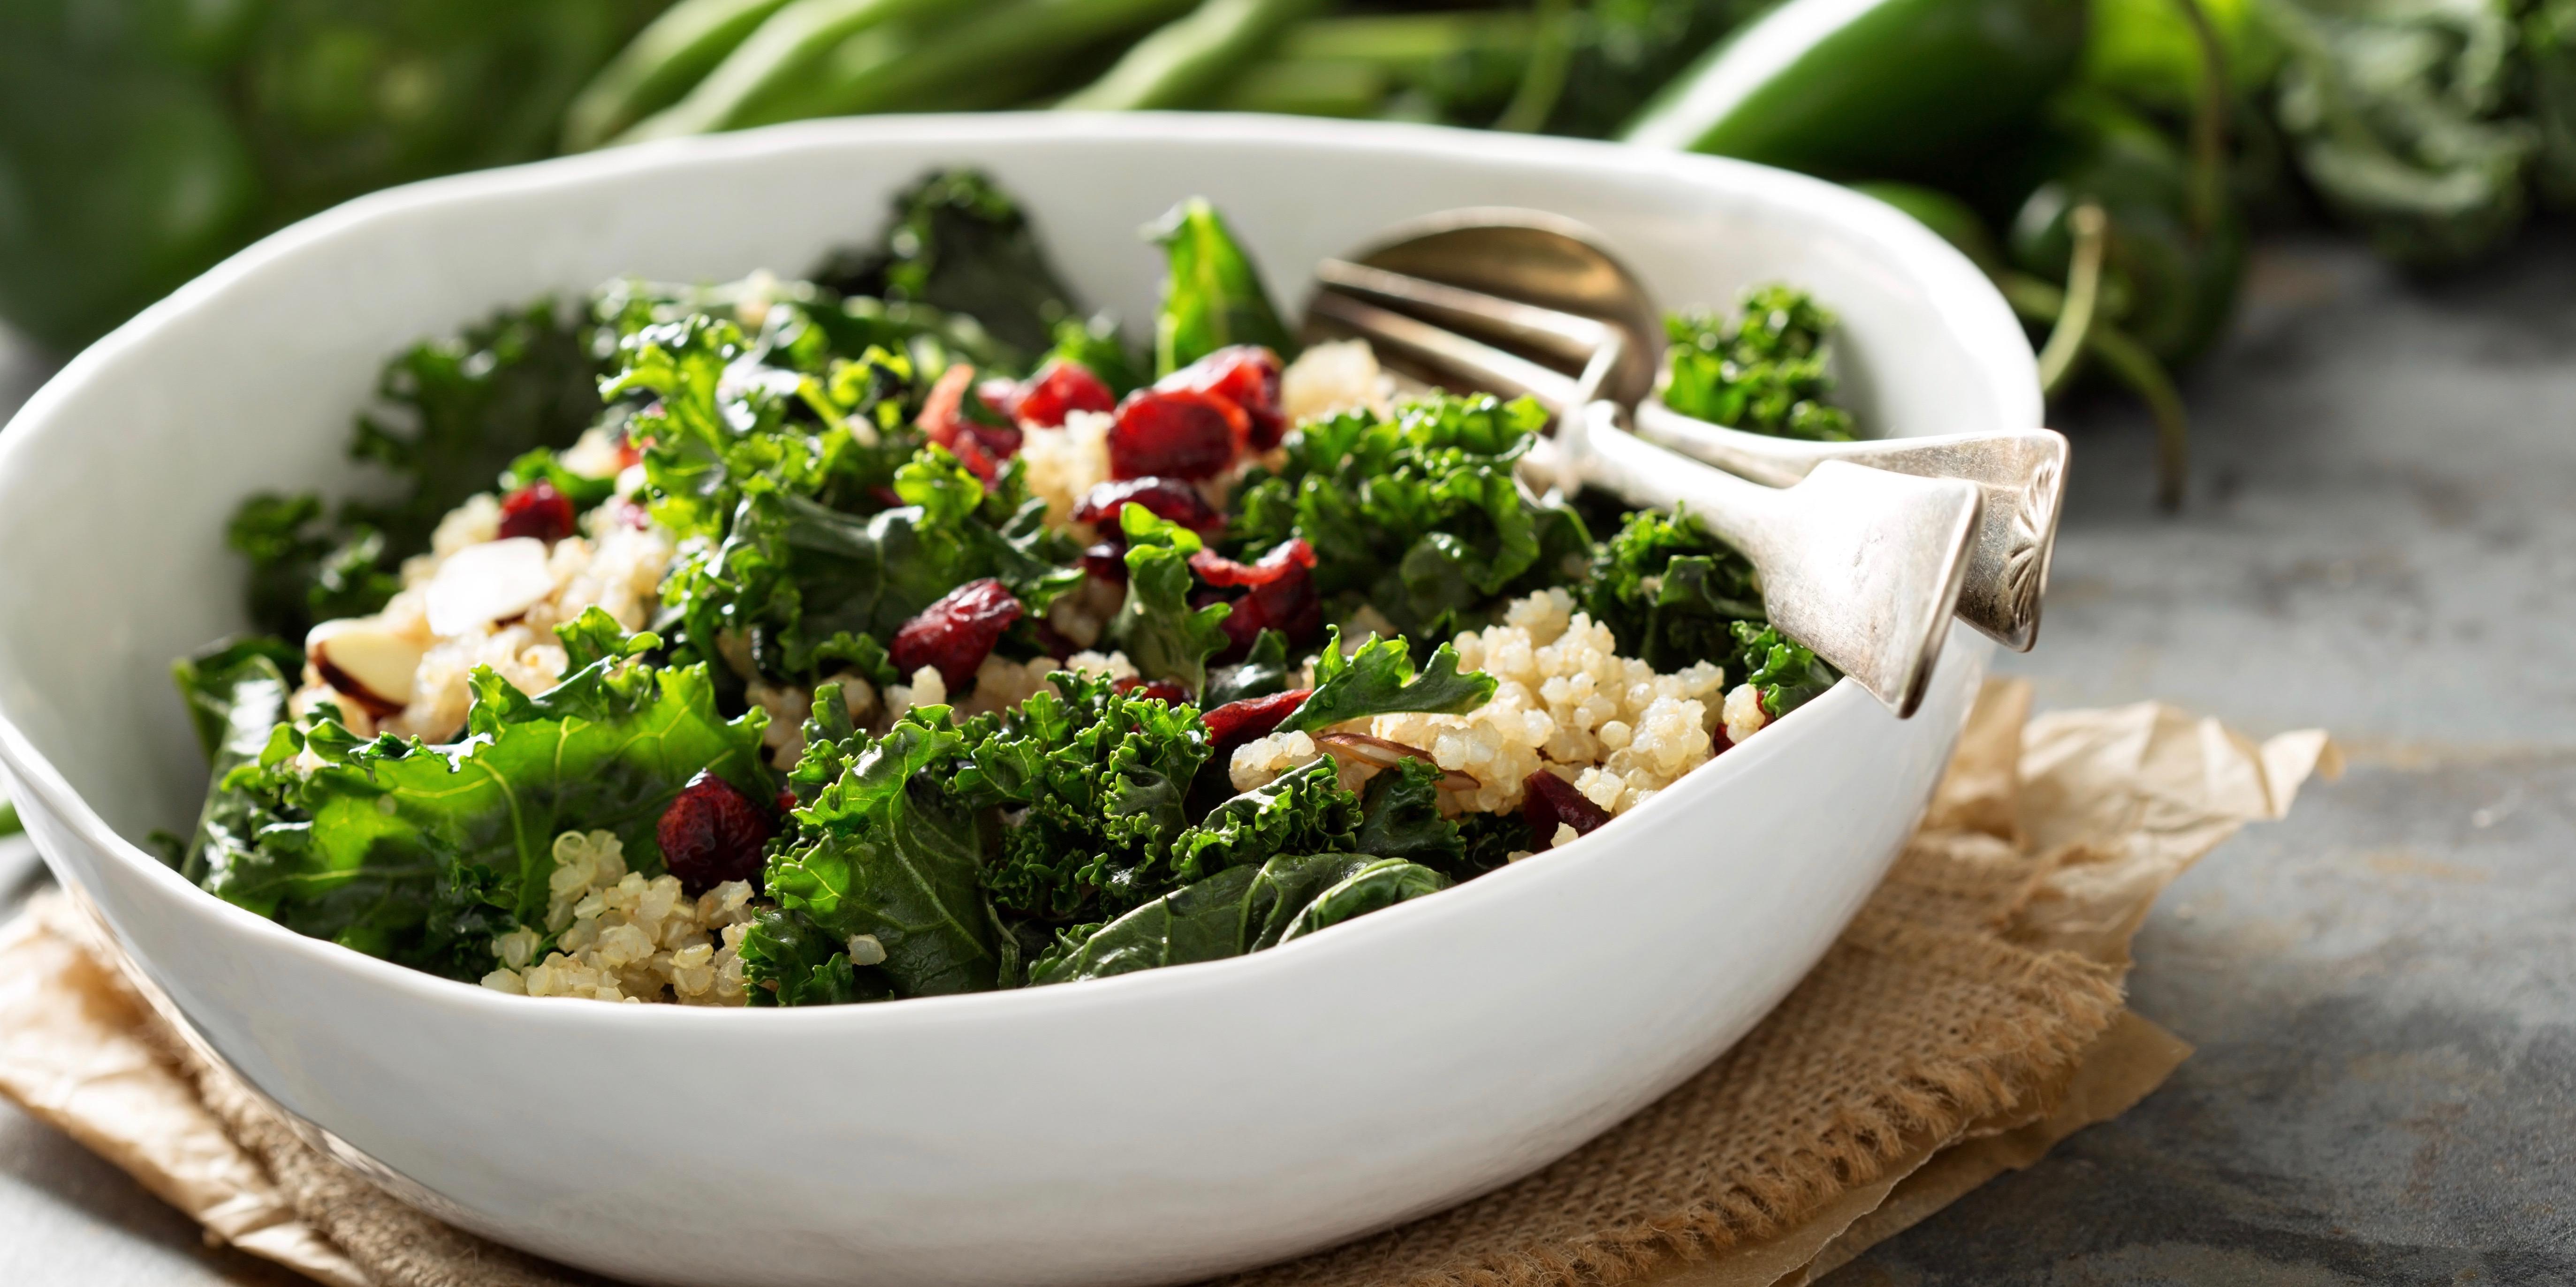 Kale, quinoa and pomegranate salad photo